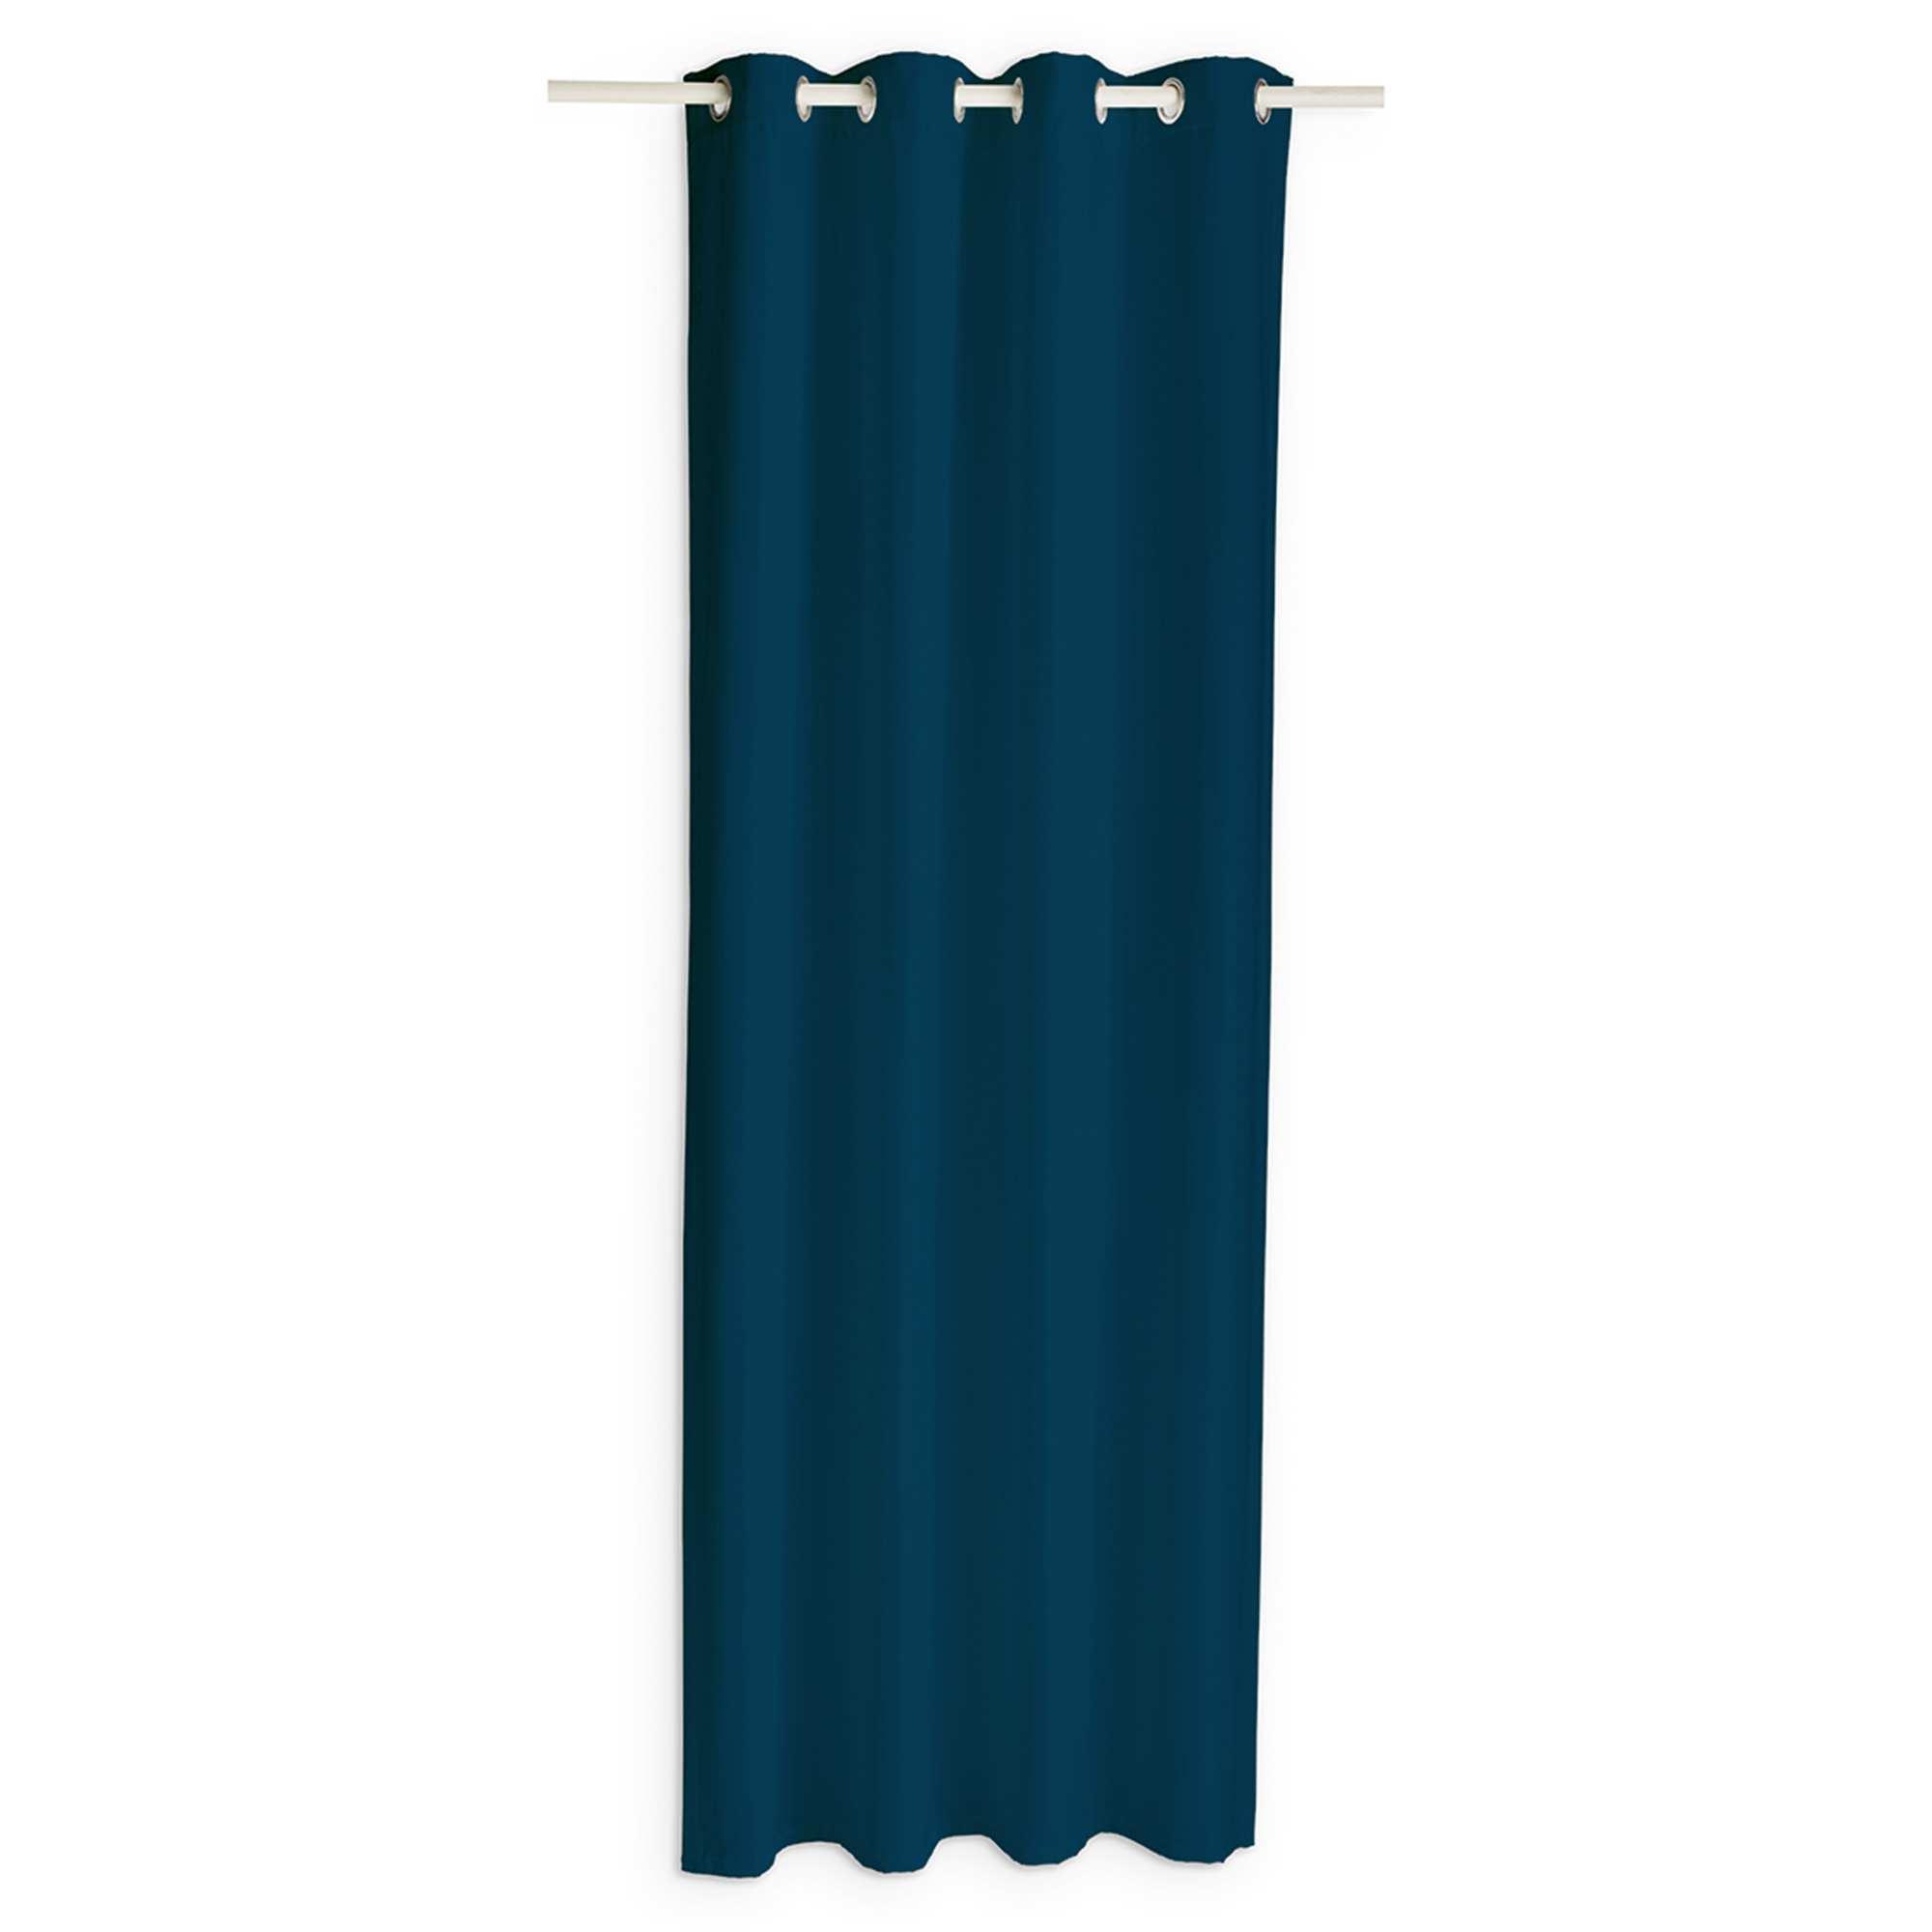 Cortina opaca hogar azul marino kiabi 19 99 - Cortinas azul marino ...